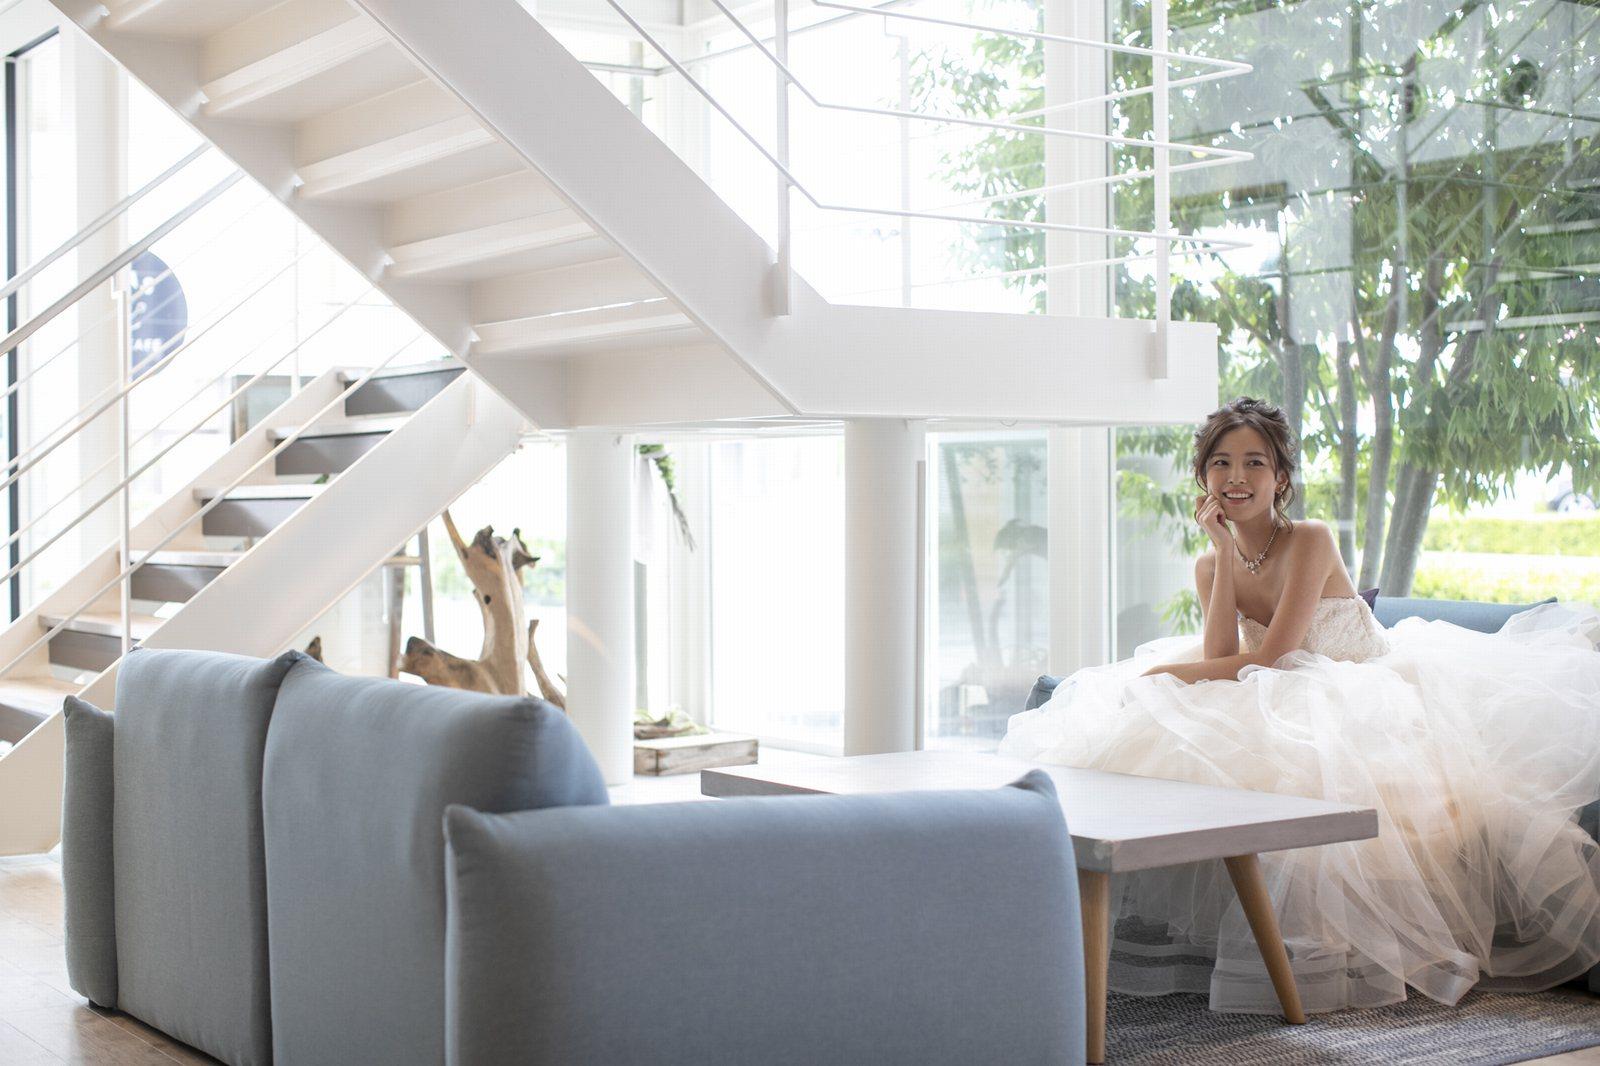 香川県高松市の小さな結婚式相談カウンターマリマリコンシェルジュのソファーに座ってウエディングドレスの撮影